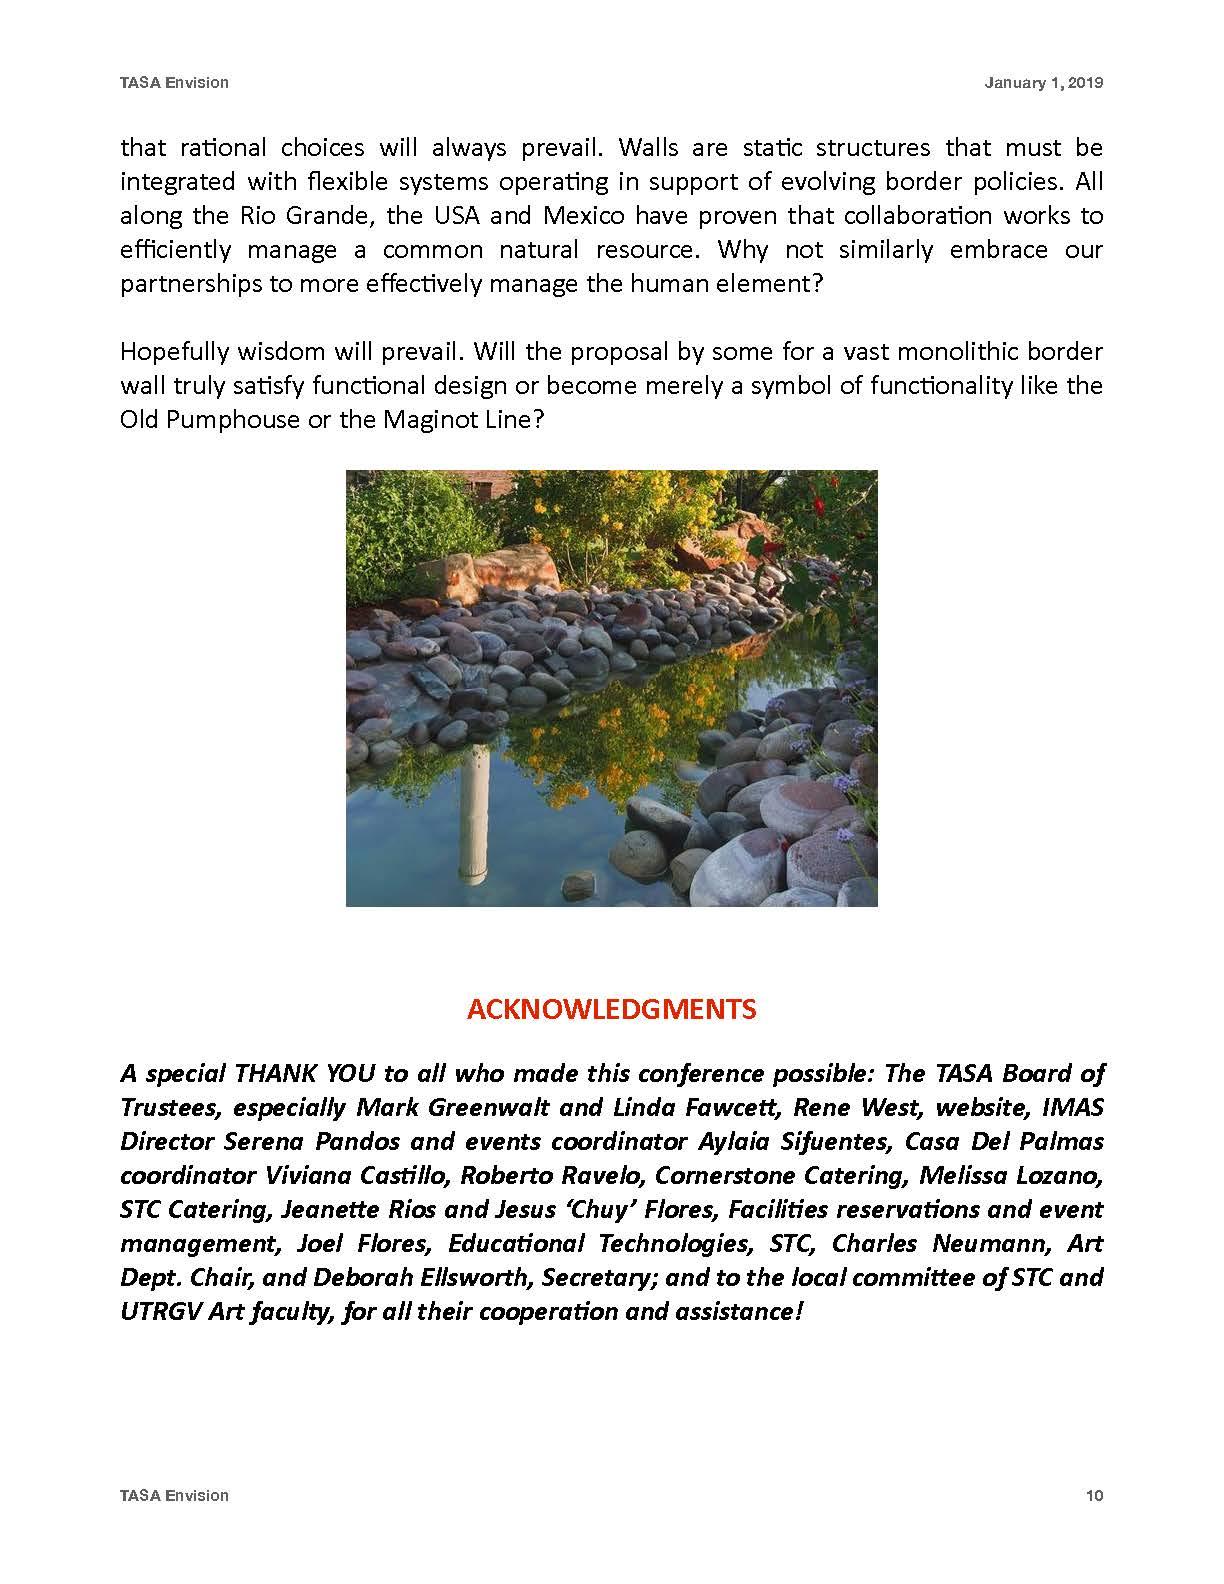 TASA newsletter 2018 McAllen (lower res)(1)_Page_10.jpg